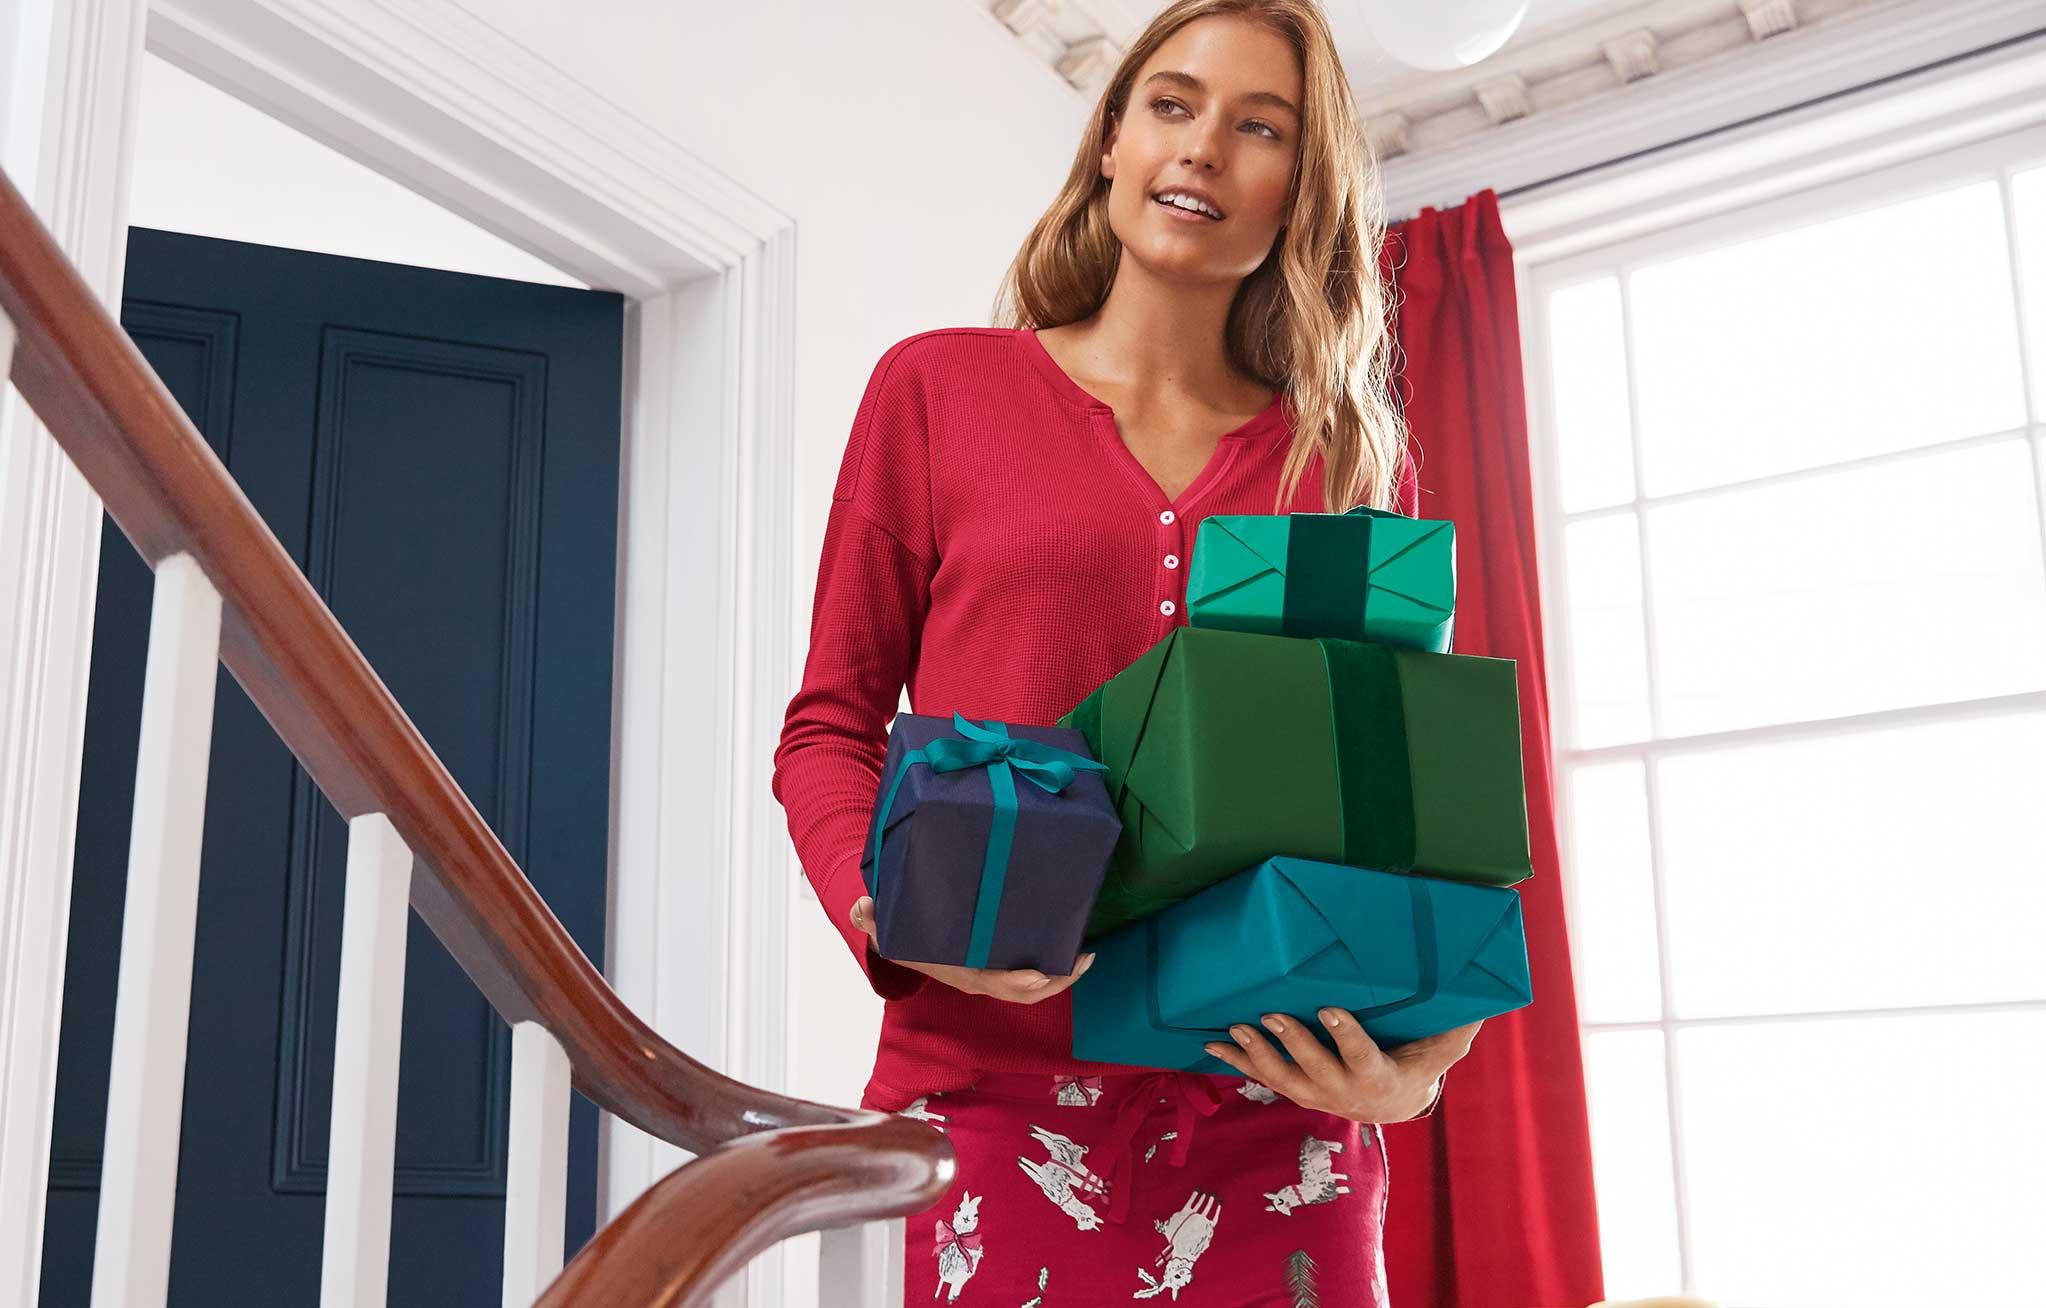 Gift-worthy nightwear